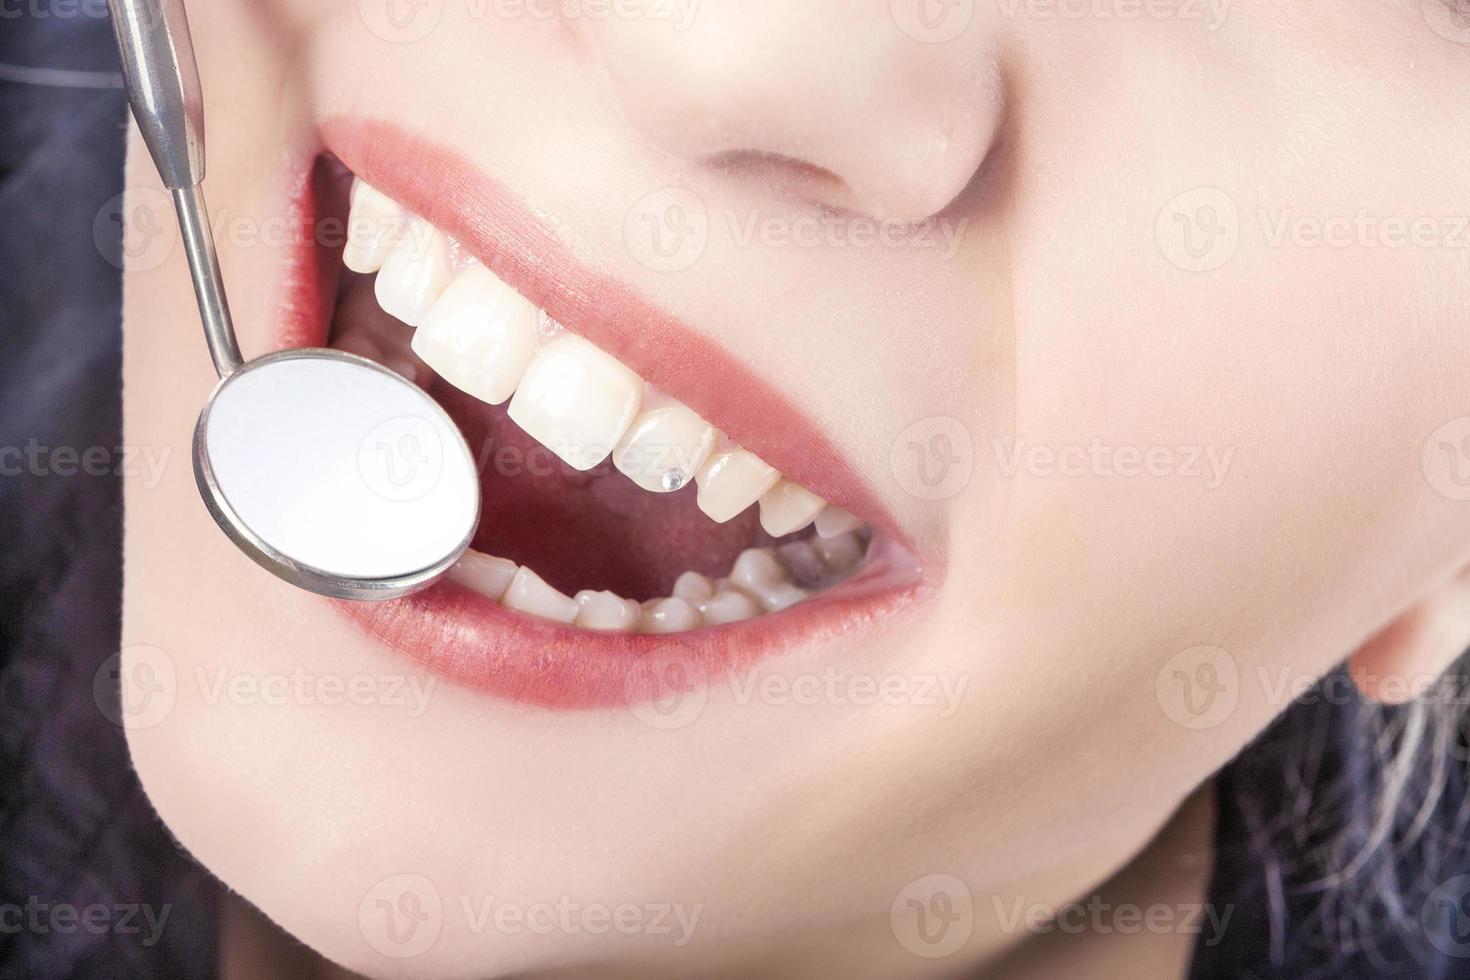 tratamento odontológico com espelho na boca da jovem mulher branca foto